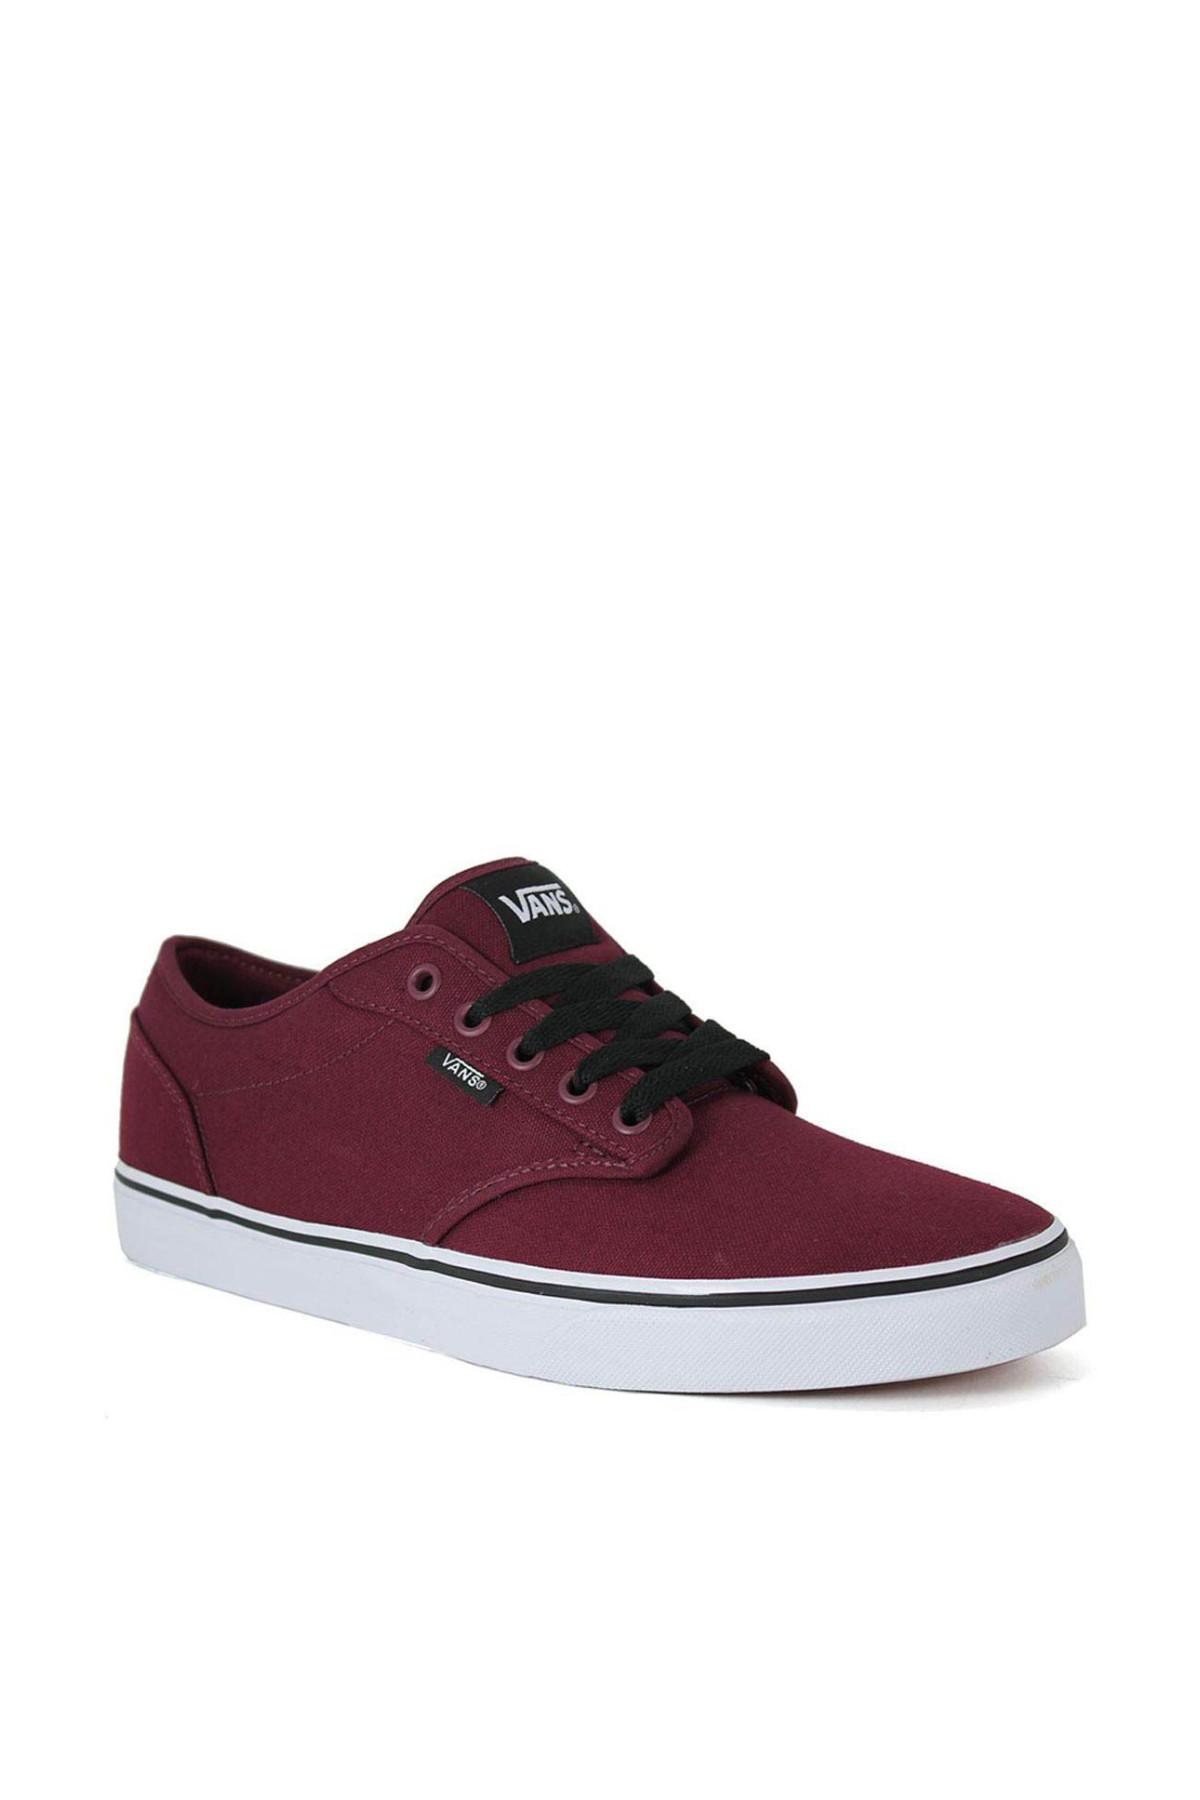 Vans ATWOOD Bordo Erkek Sneaker Ayakkabı 100133075 1